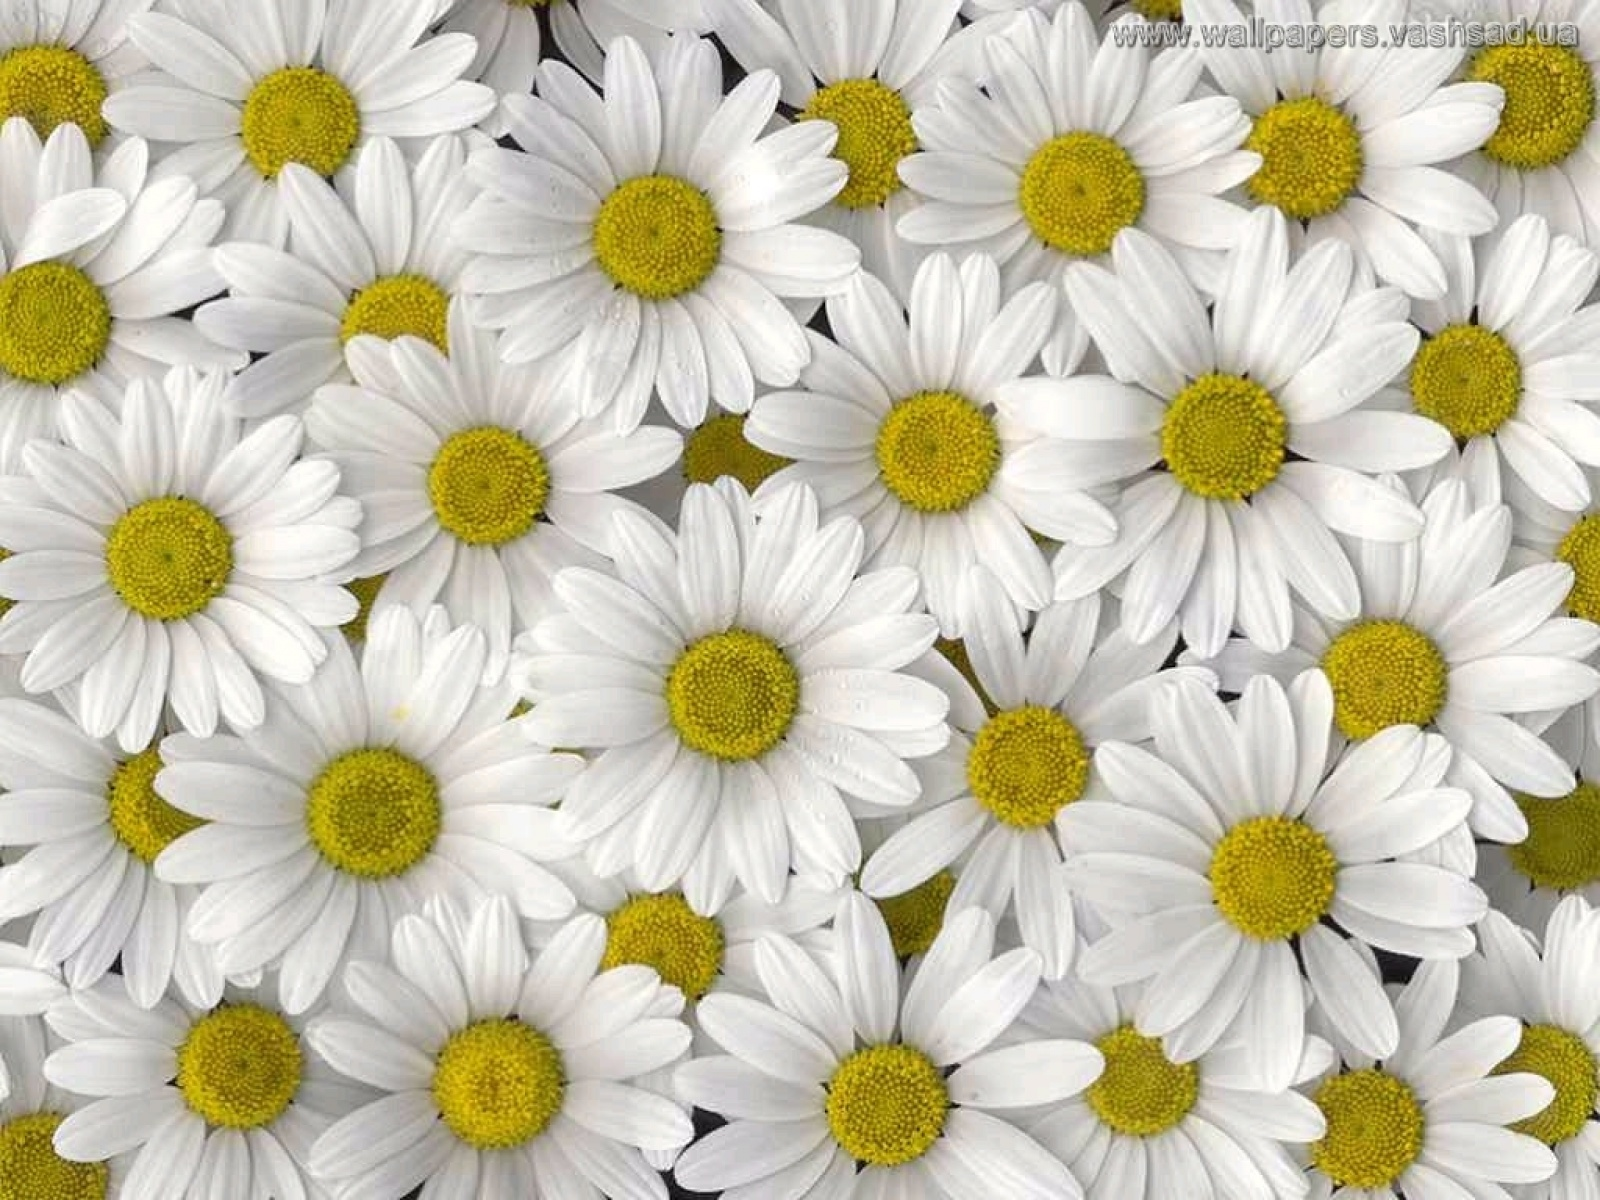 цветочки в платочках, Цветы, Приколы, Прикол, Смех, Юмор.